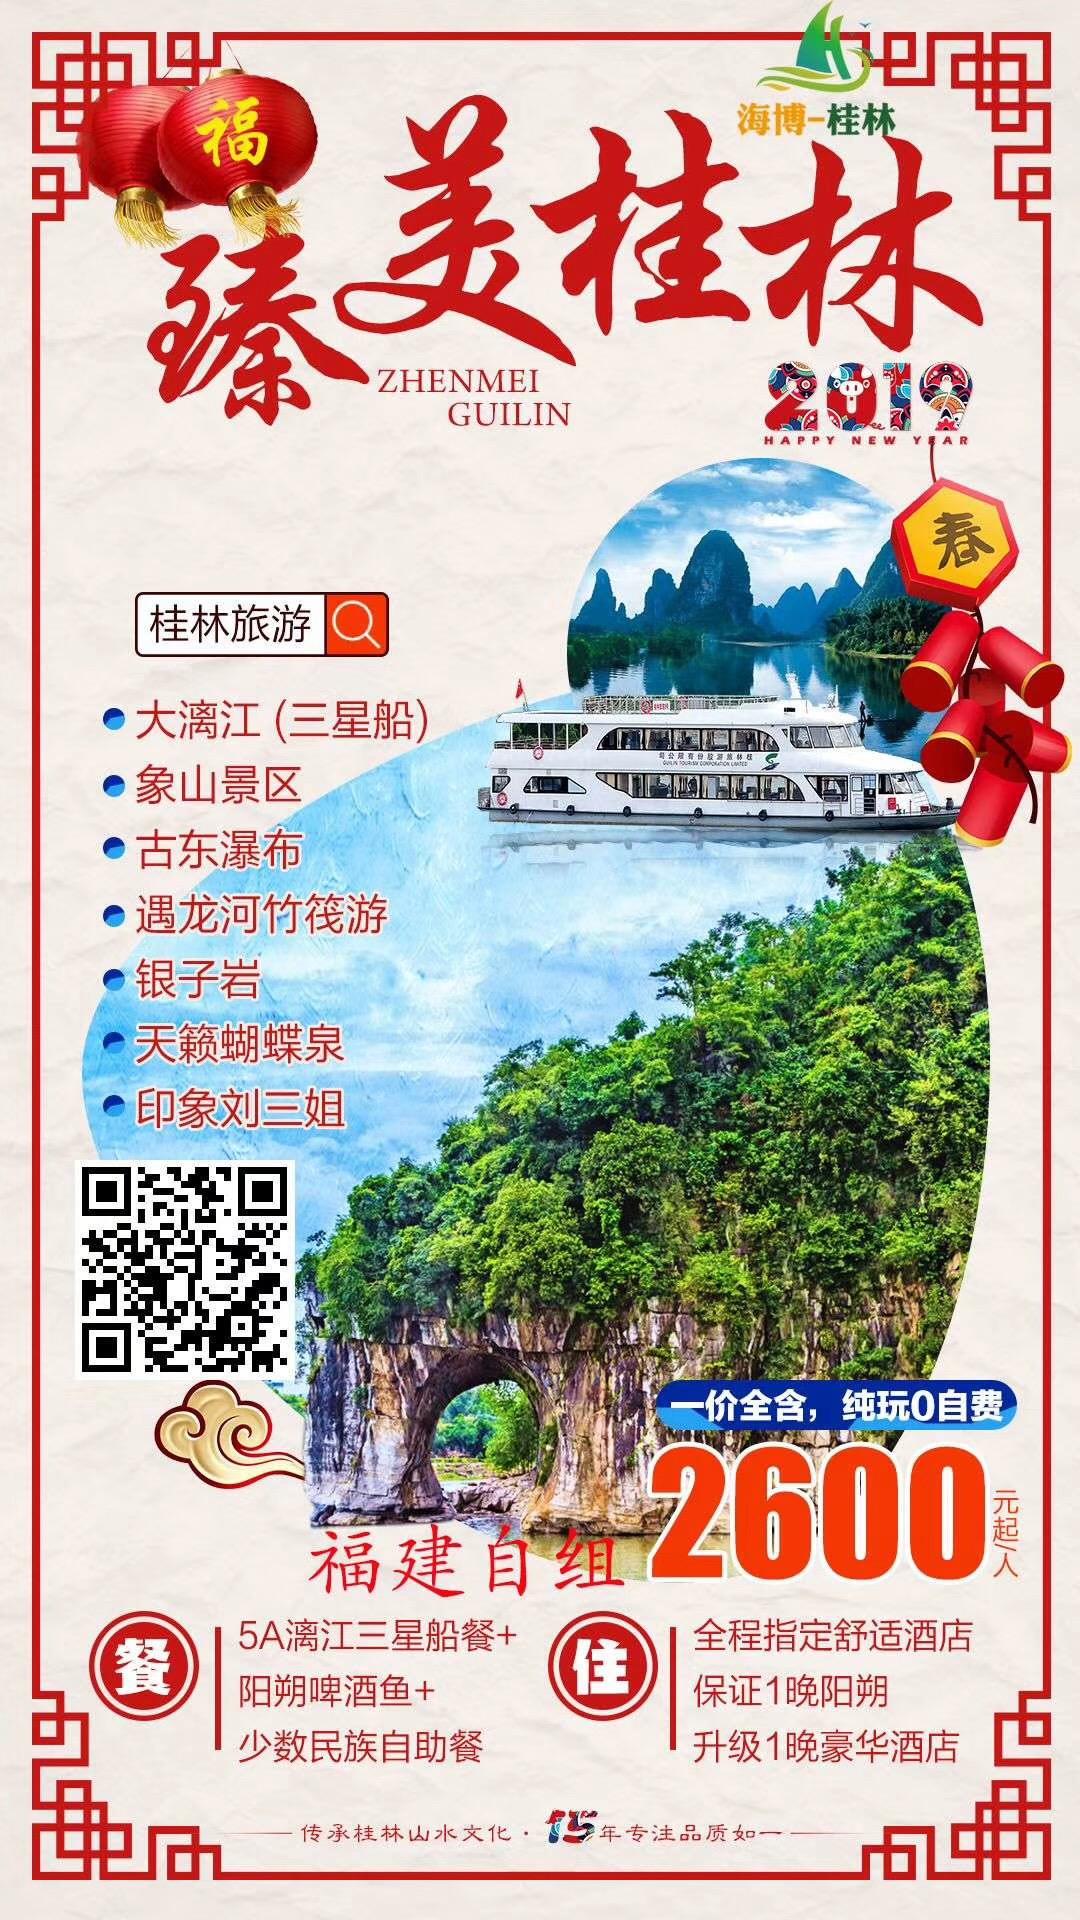 北京到云南游报价_厦门到桂林旅游团报价|3月去桂林旅游景点图片海报_厦门国旅官网